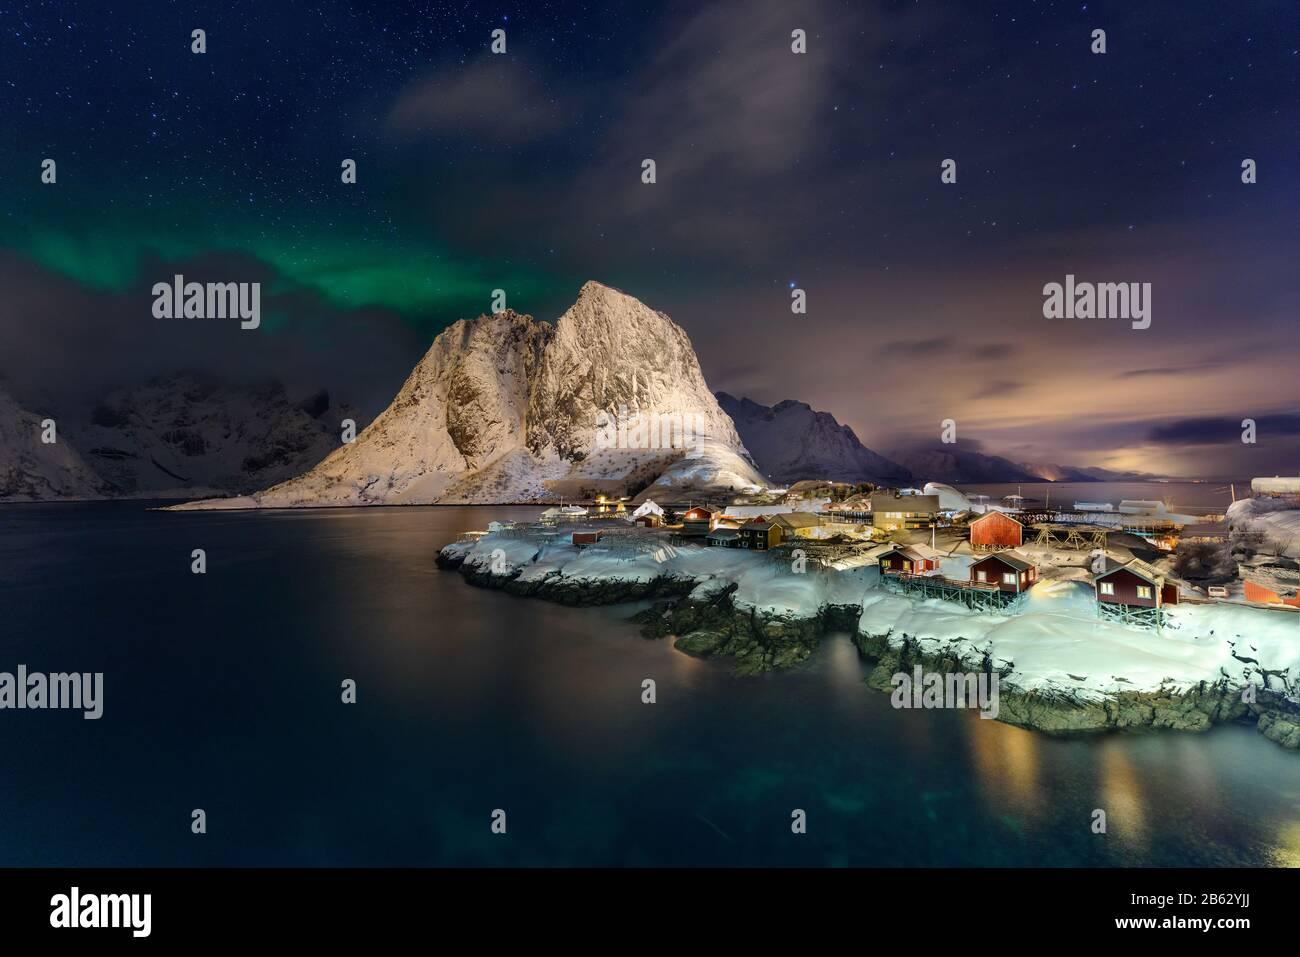 Schöne Nordlichter in Hamnoy, Lofoten Island in Norwegen. Aurora Boreal über dem kleinen Fischerdorf mit seinen traditionellen roten Hütten. Majestätisches g Stockfoto